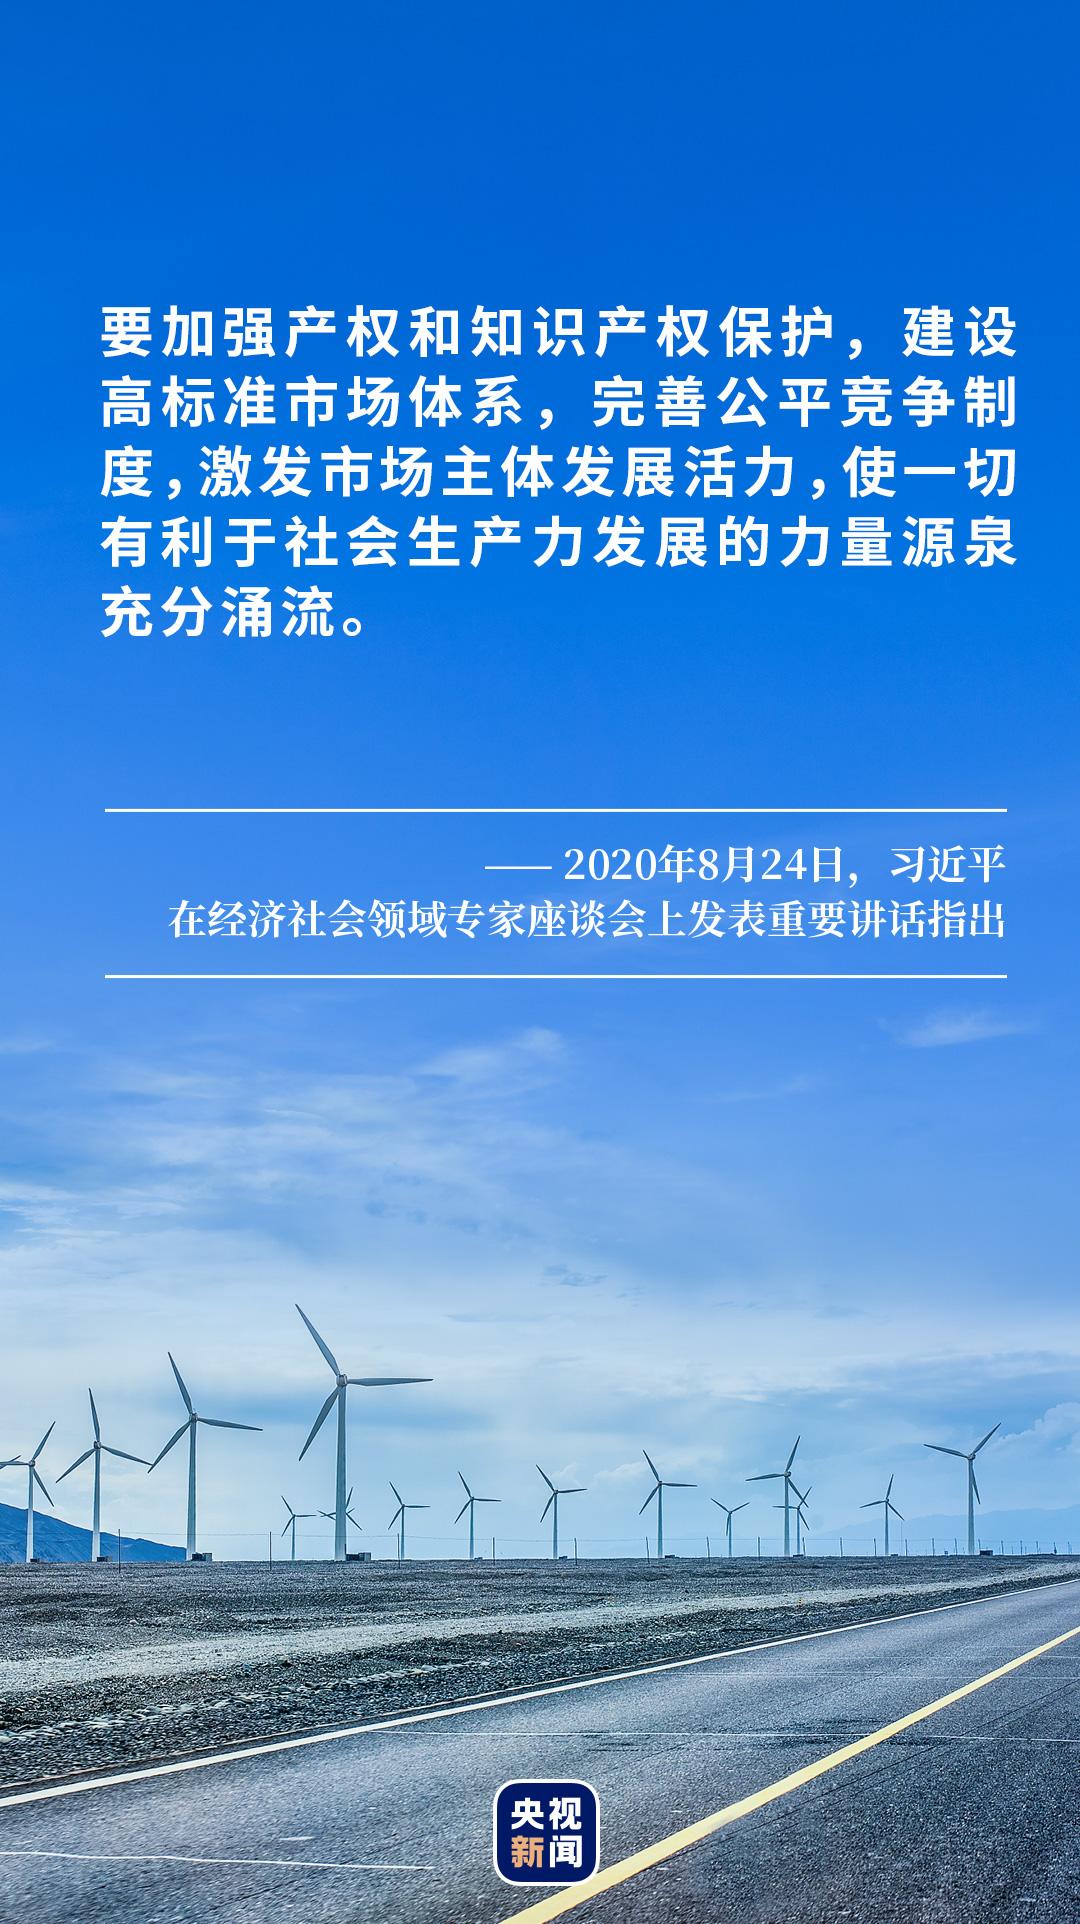 """擦亮""""中国创造""""建设知识产权强国"""